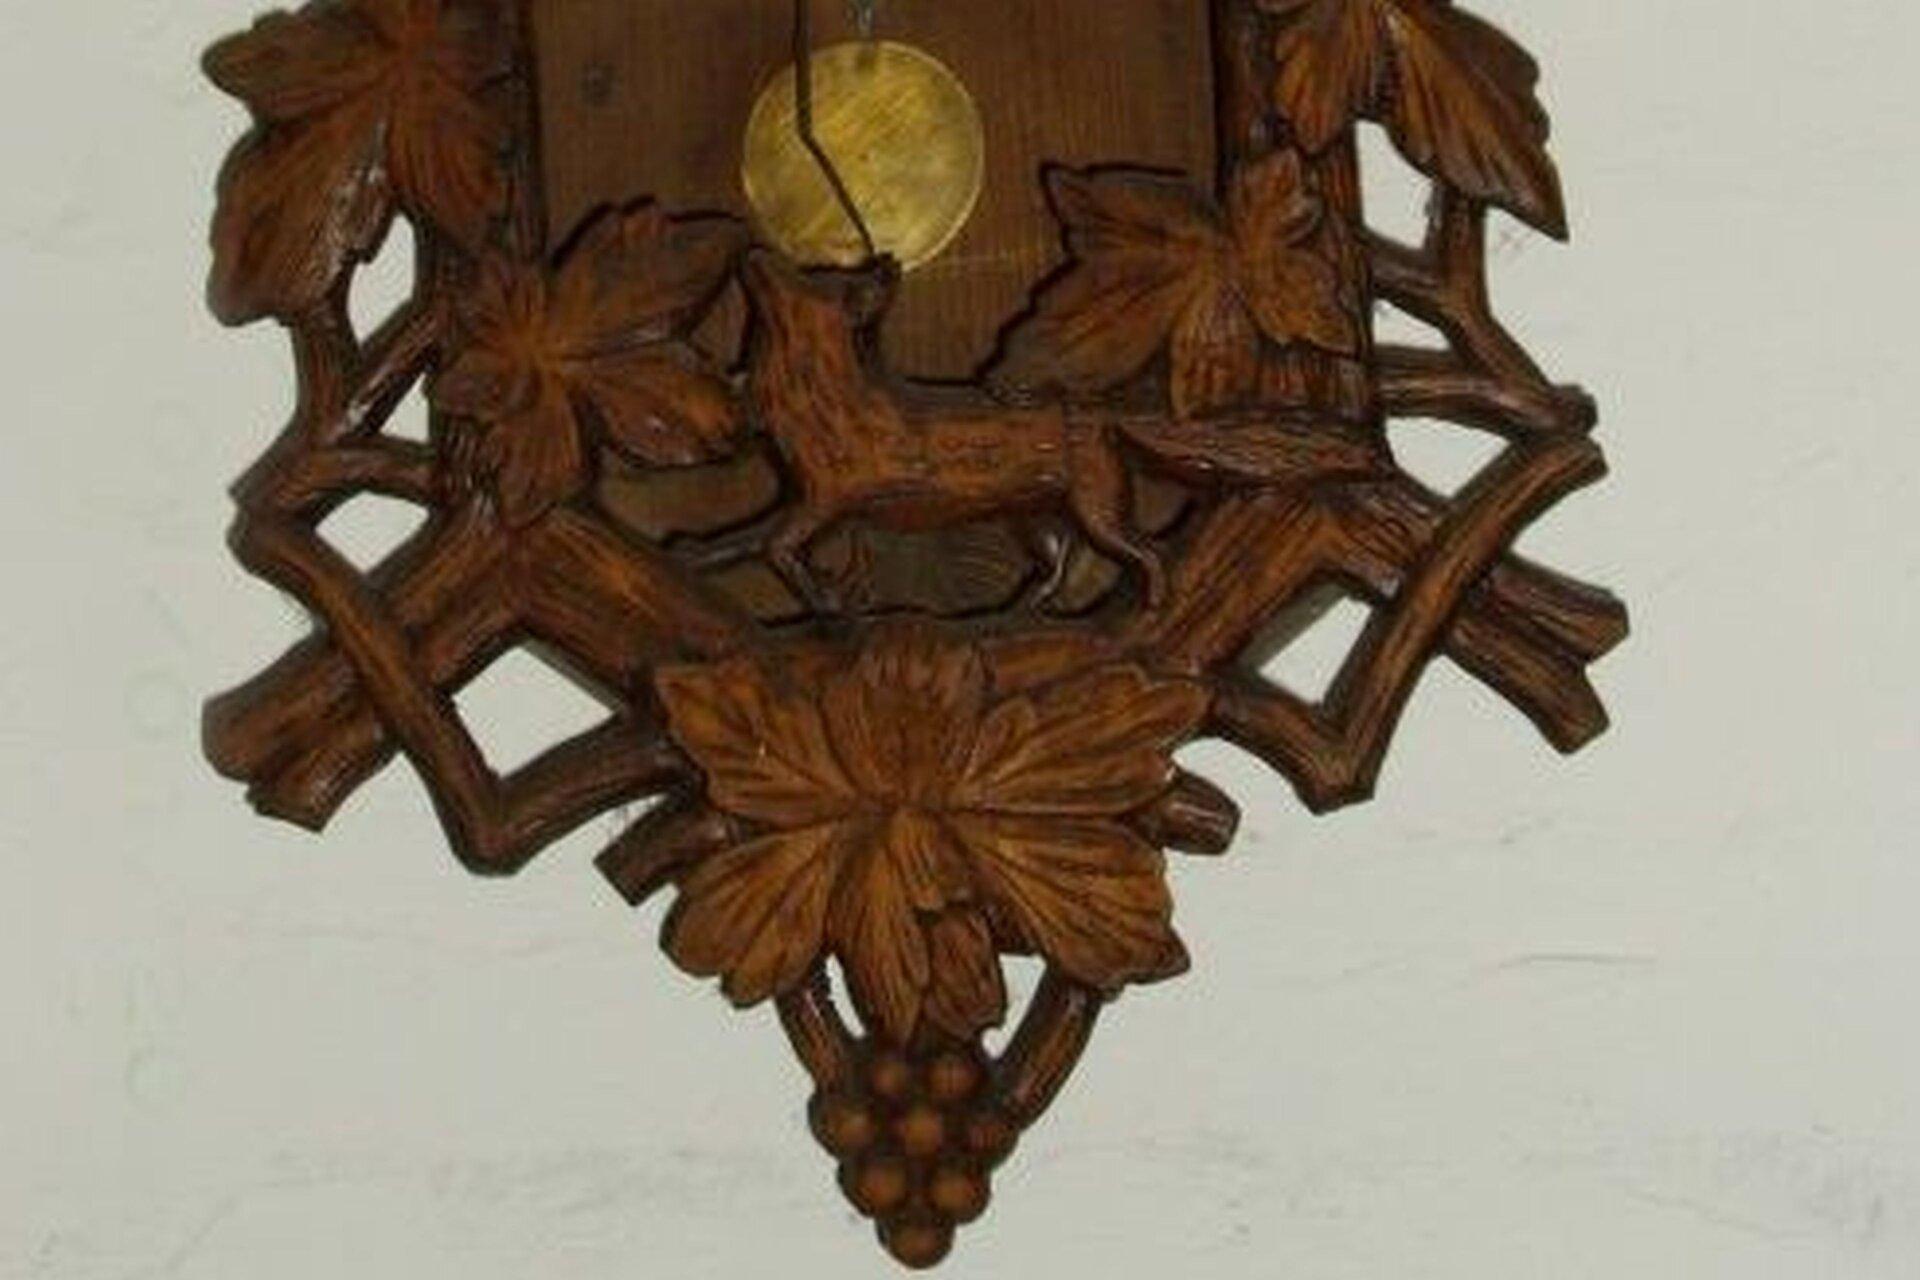 Ilustracja przedstawia fragment drewnianego ludowego zegara. Jest zdobiony motywami liści. Wgórnej części znajduje się wahadło, pod nim, na środku umieszczony jest lis. Udołu zegar jest dekorowany kiścią winogrona.